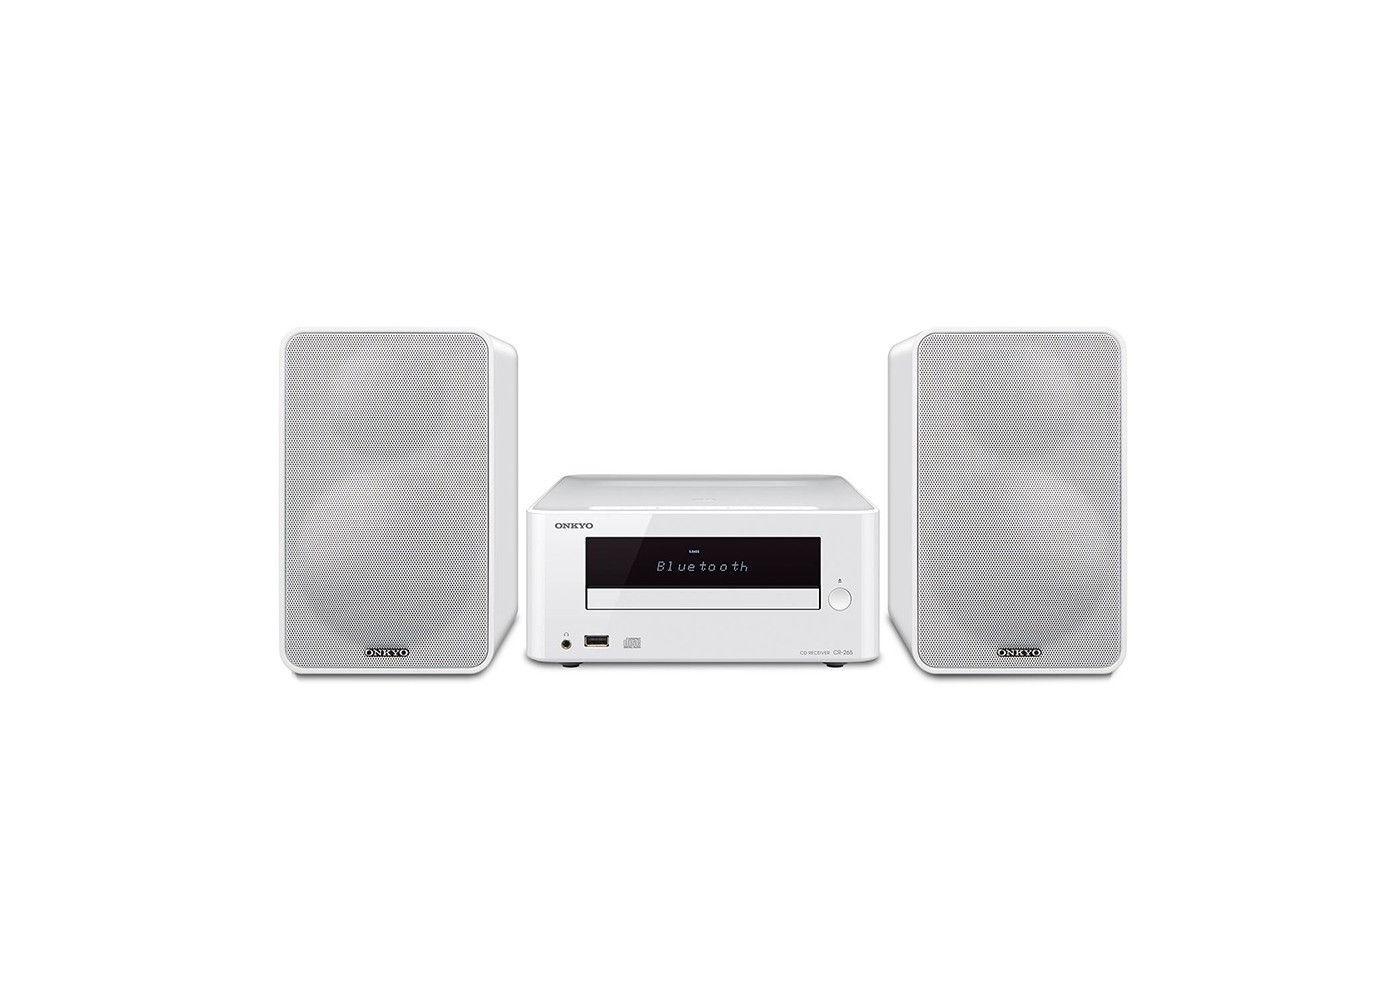 Onkyo Cs 265w White Colibrino Cd Hi Fi Mini System With